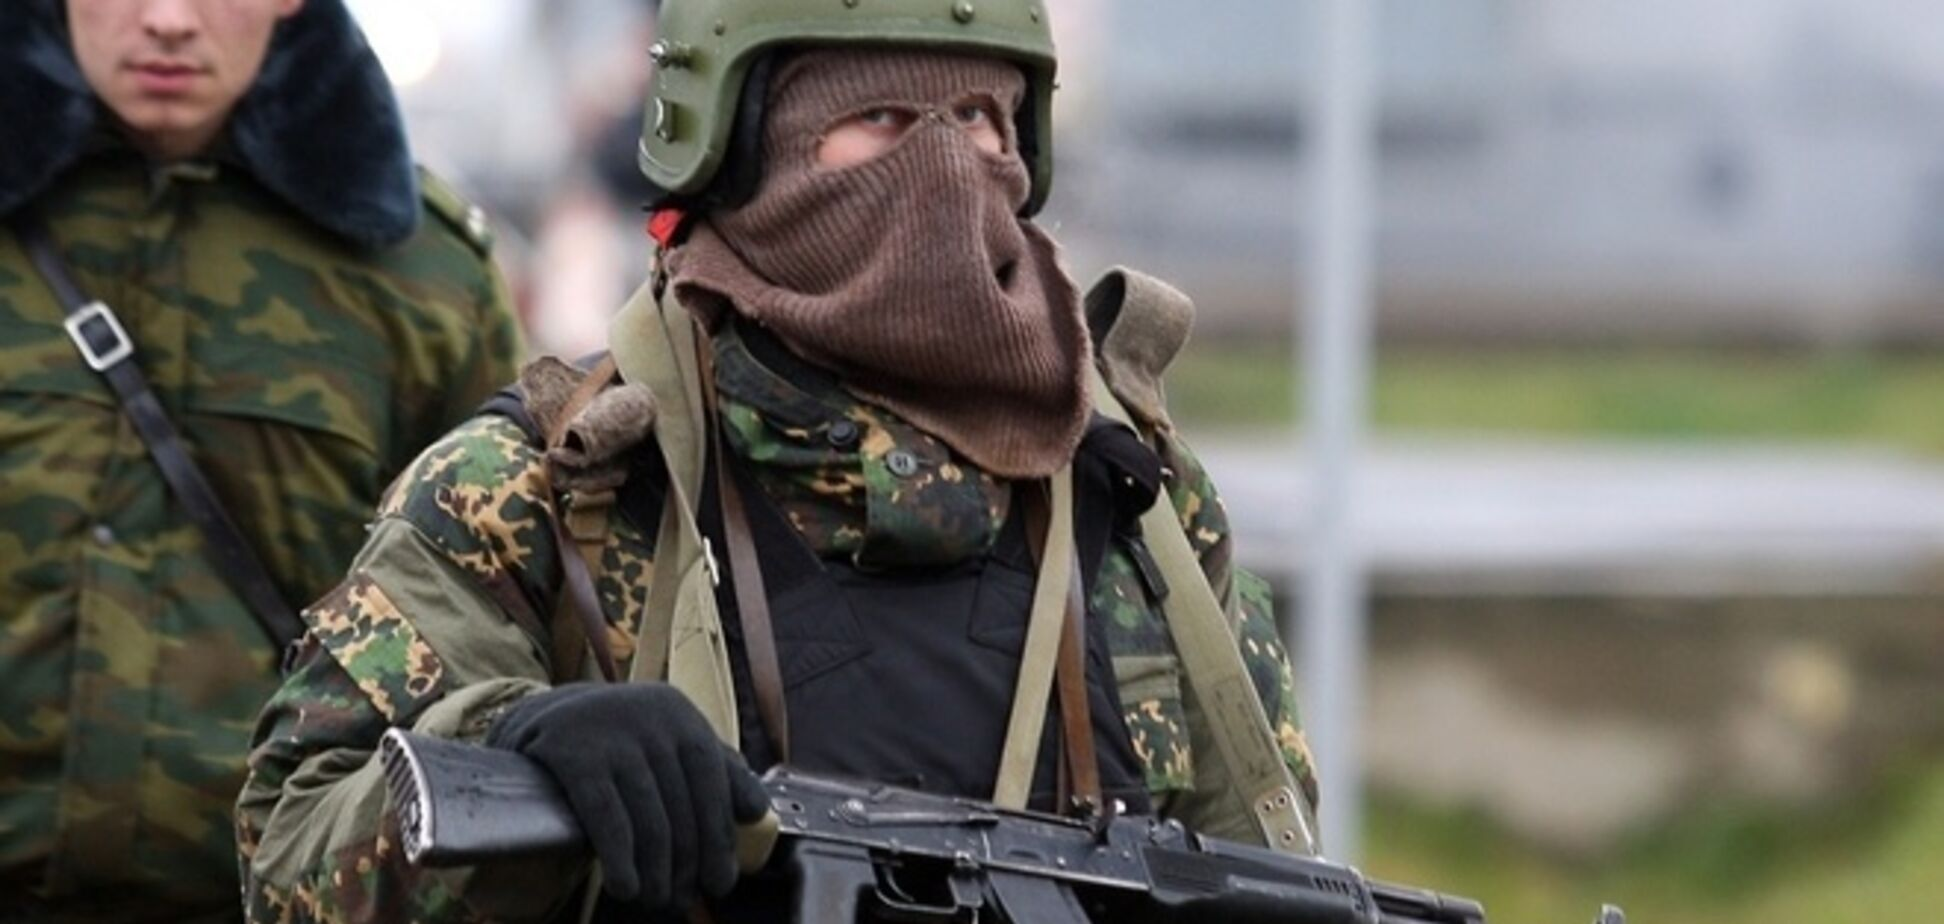 Тероризувати південний схід їде тисячі ветеранів Чечні та Південної Осетії